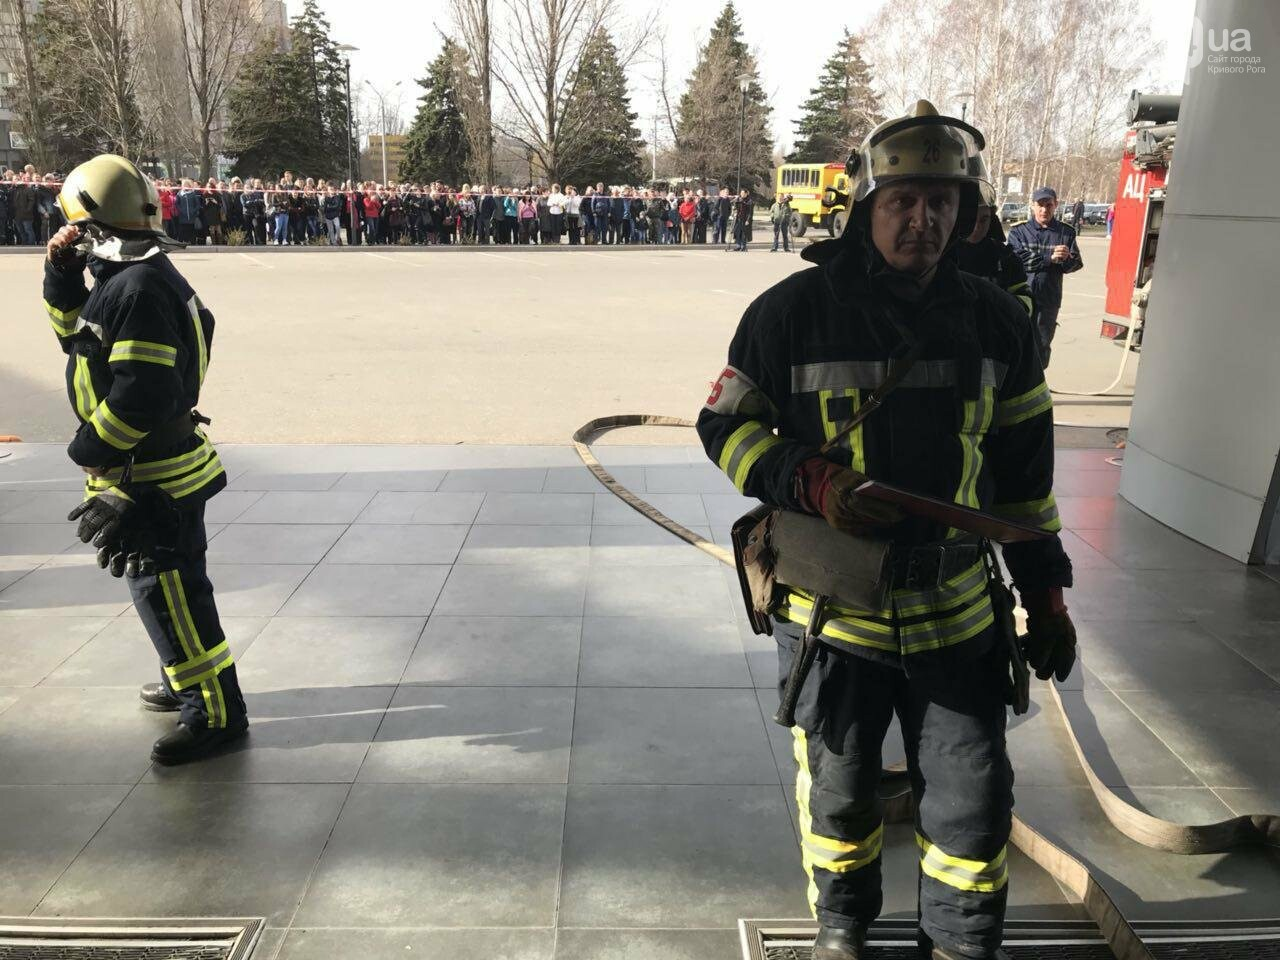 В Кривом Роге спасатели тренировались тушить пожар в ТРЦ  (ФОТО, ВИДЕО), фото-8